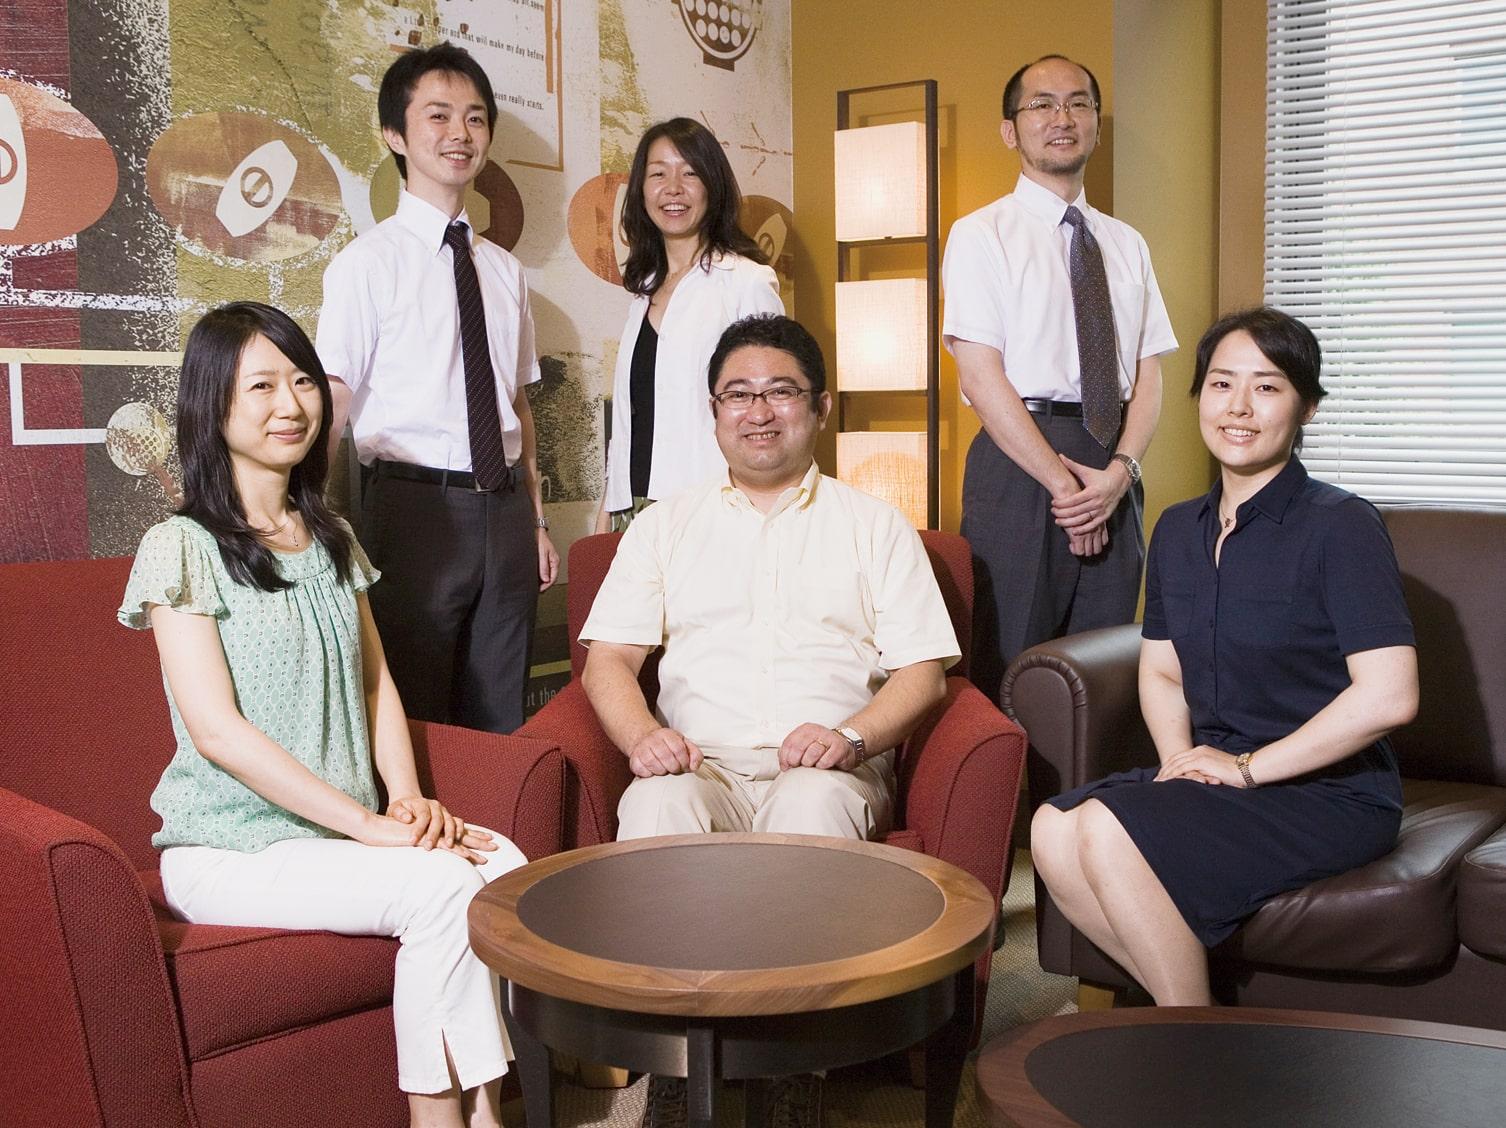 スターバックス コーヒー ジャパン株式会社 管理本部 総務法務部 法務チーム